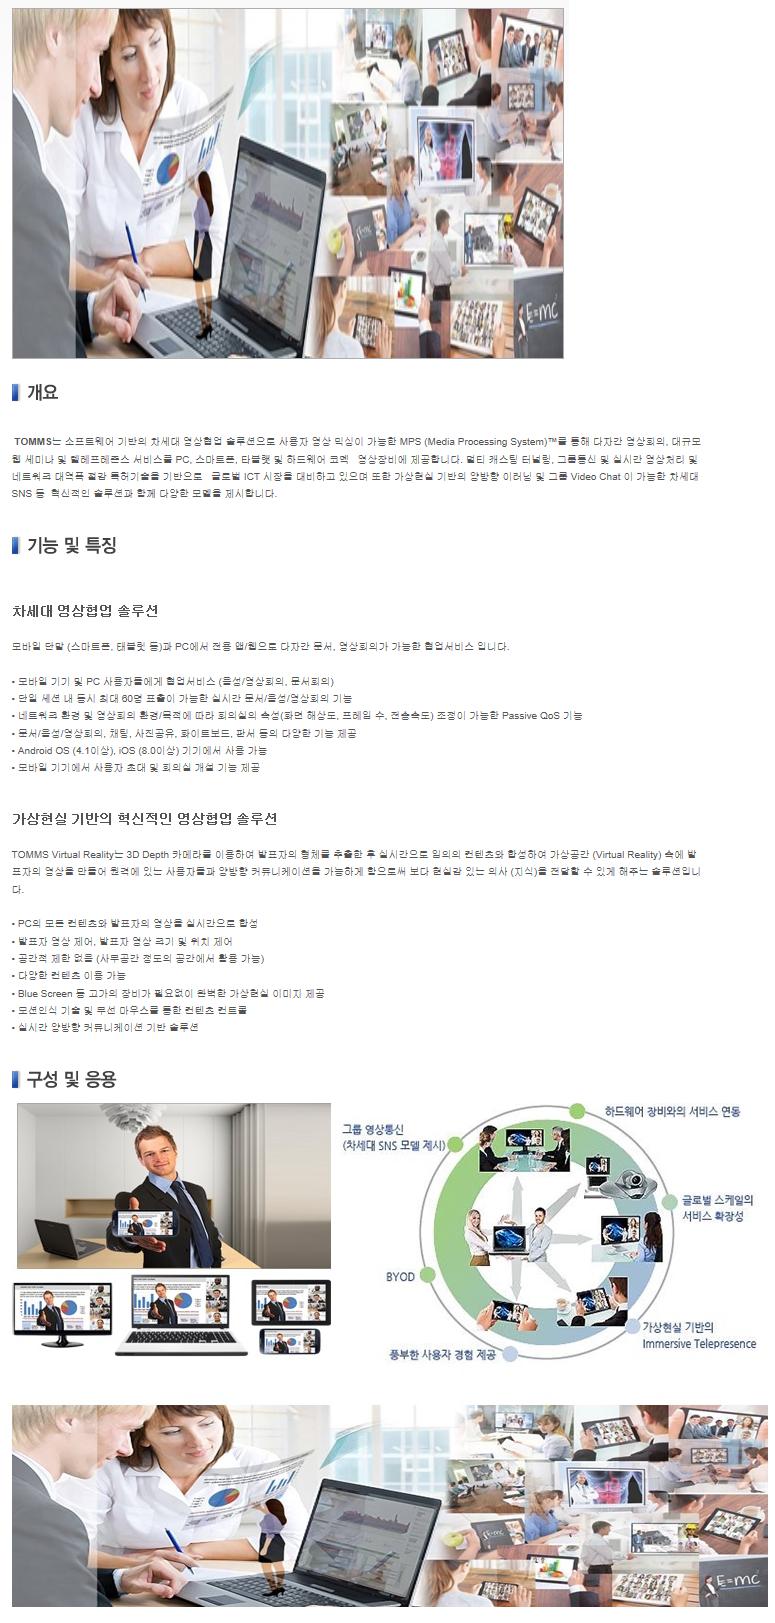 (주)우리별 차세대 영상협업 솔루션  1